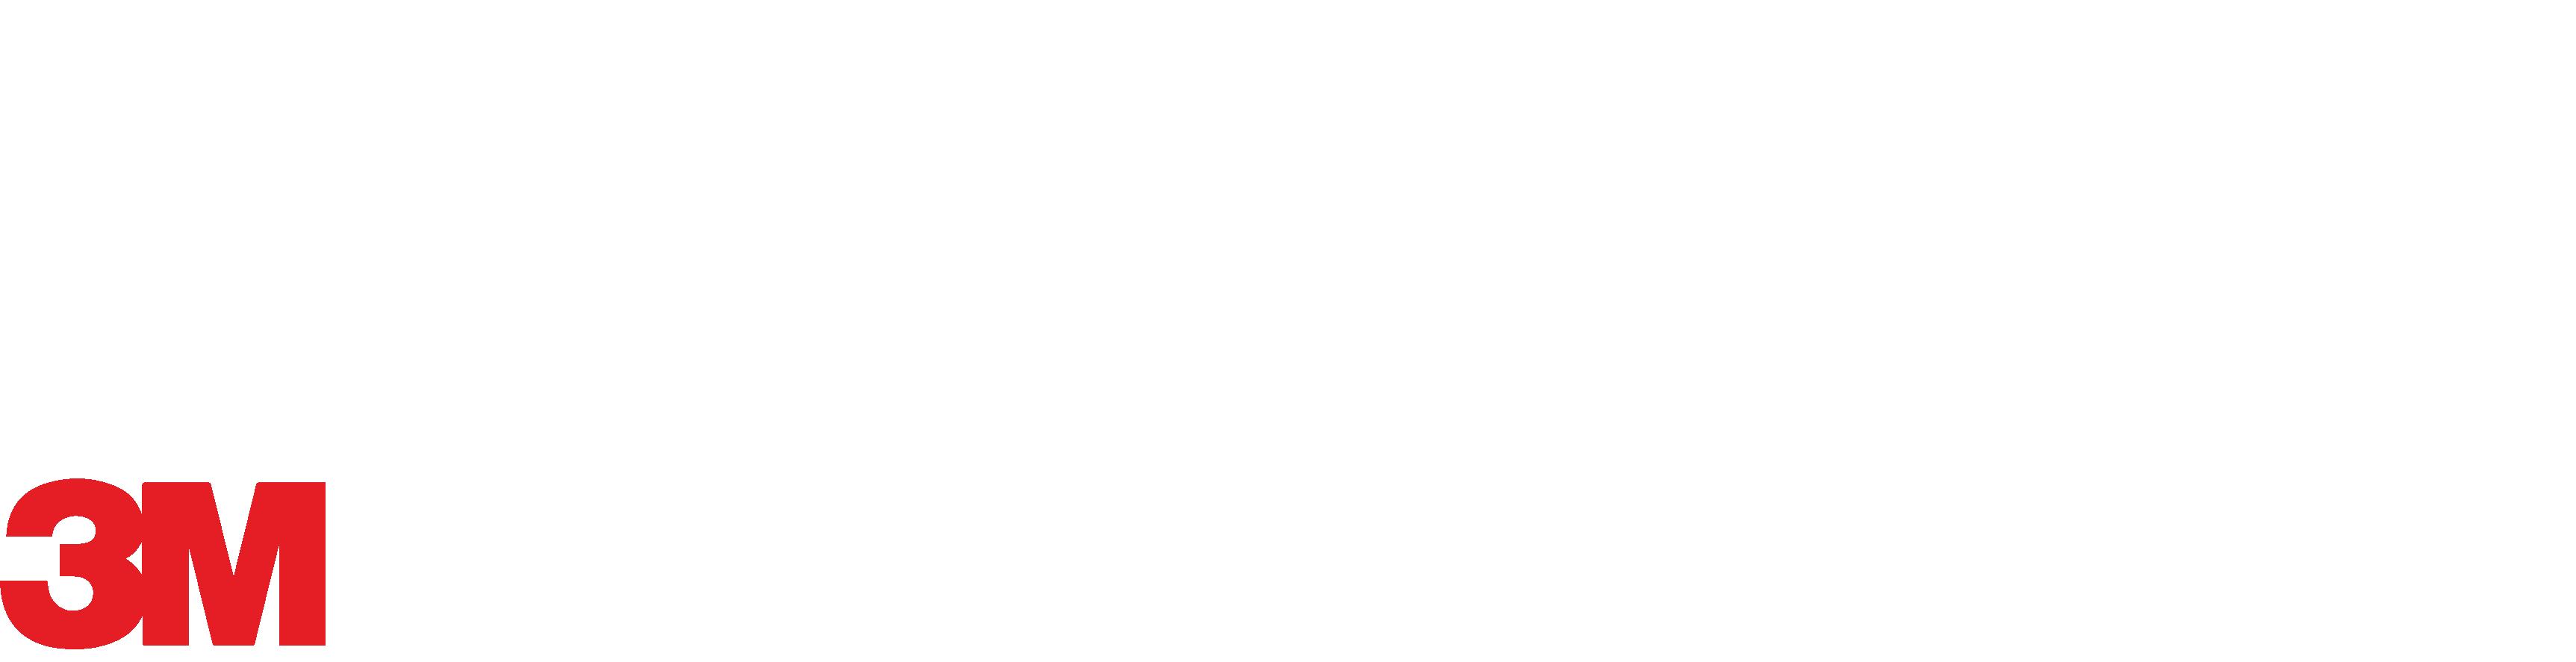 Biemme Adesivi Srl - Distributore Preferenziale 3M Nastri e Adesivi per l'industria